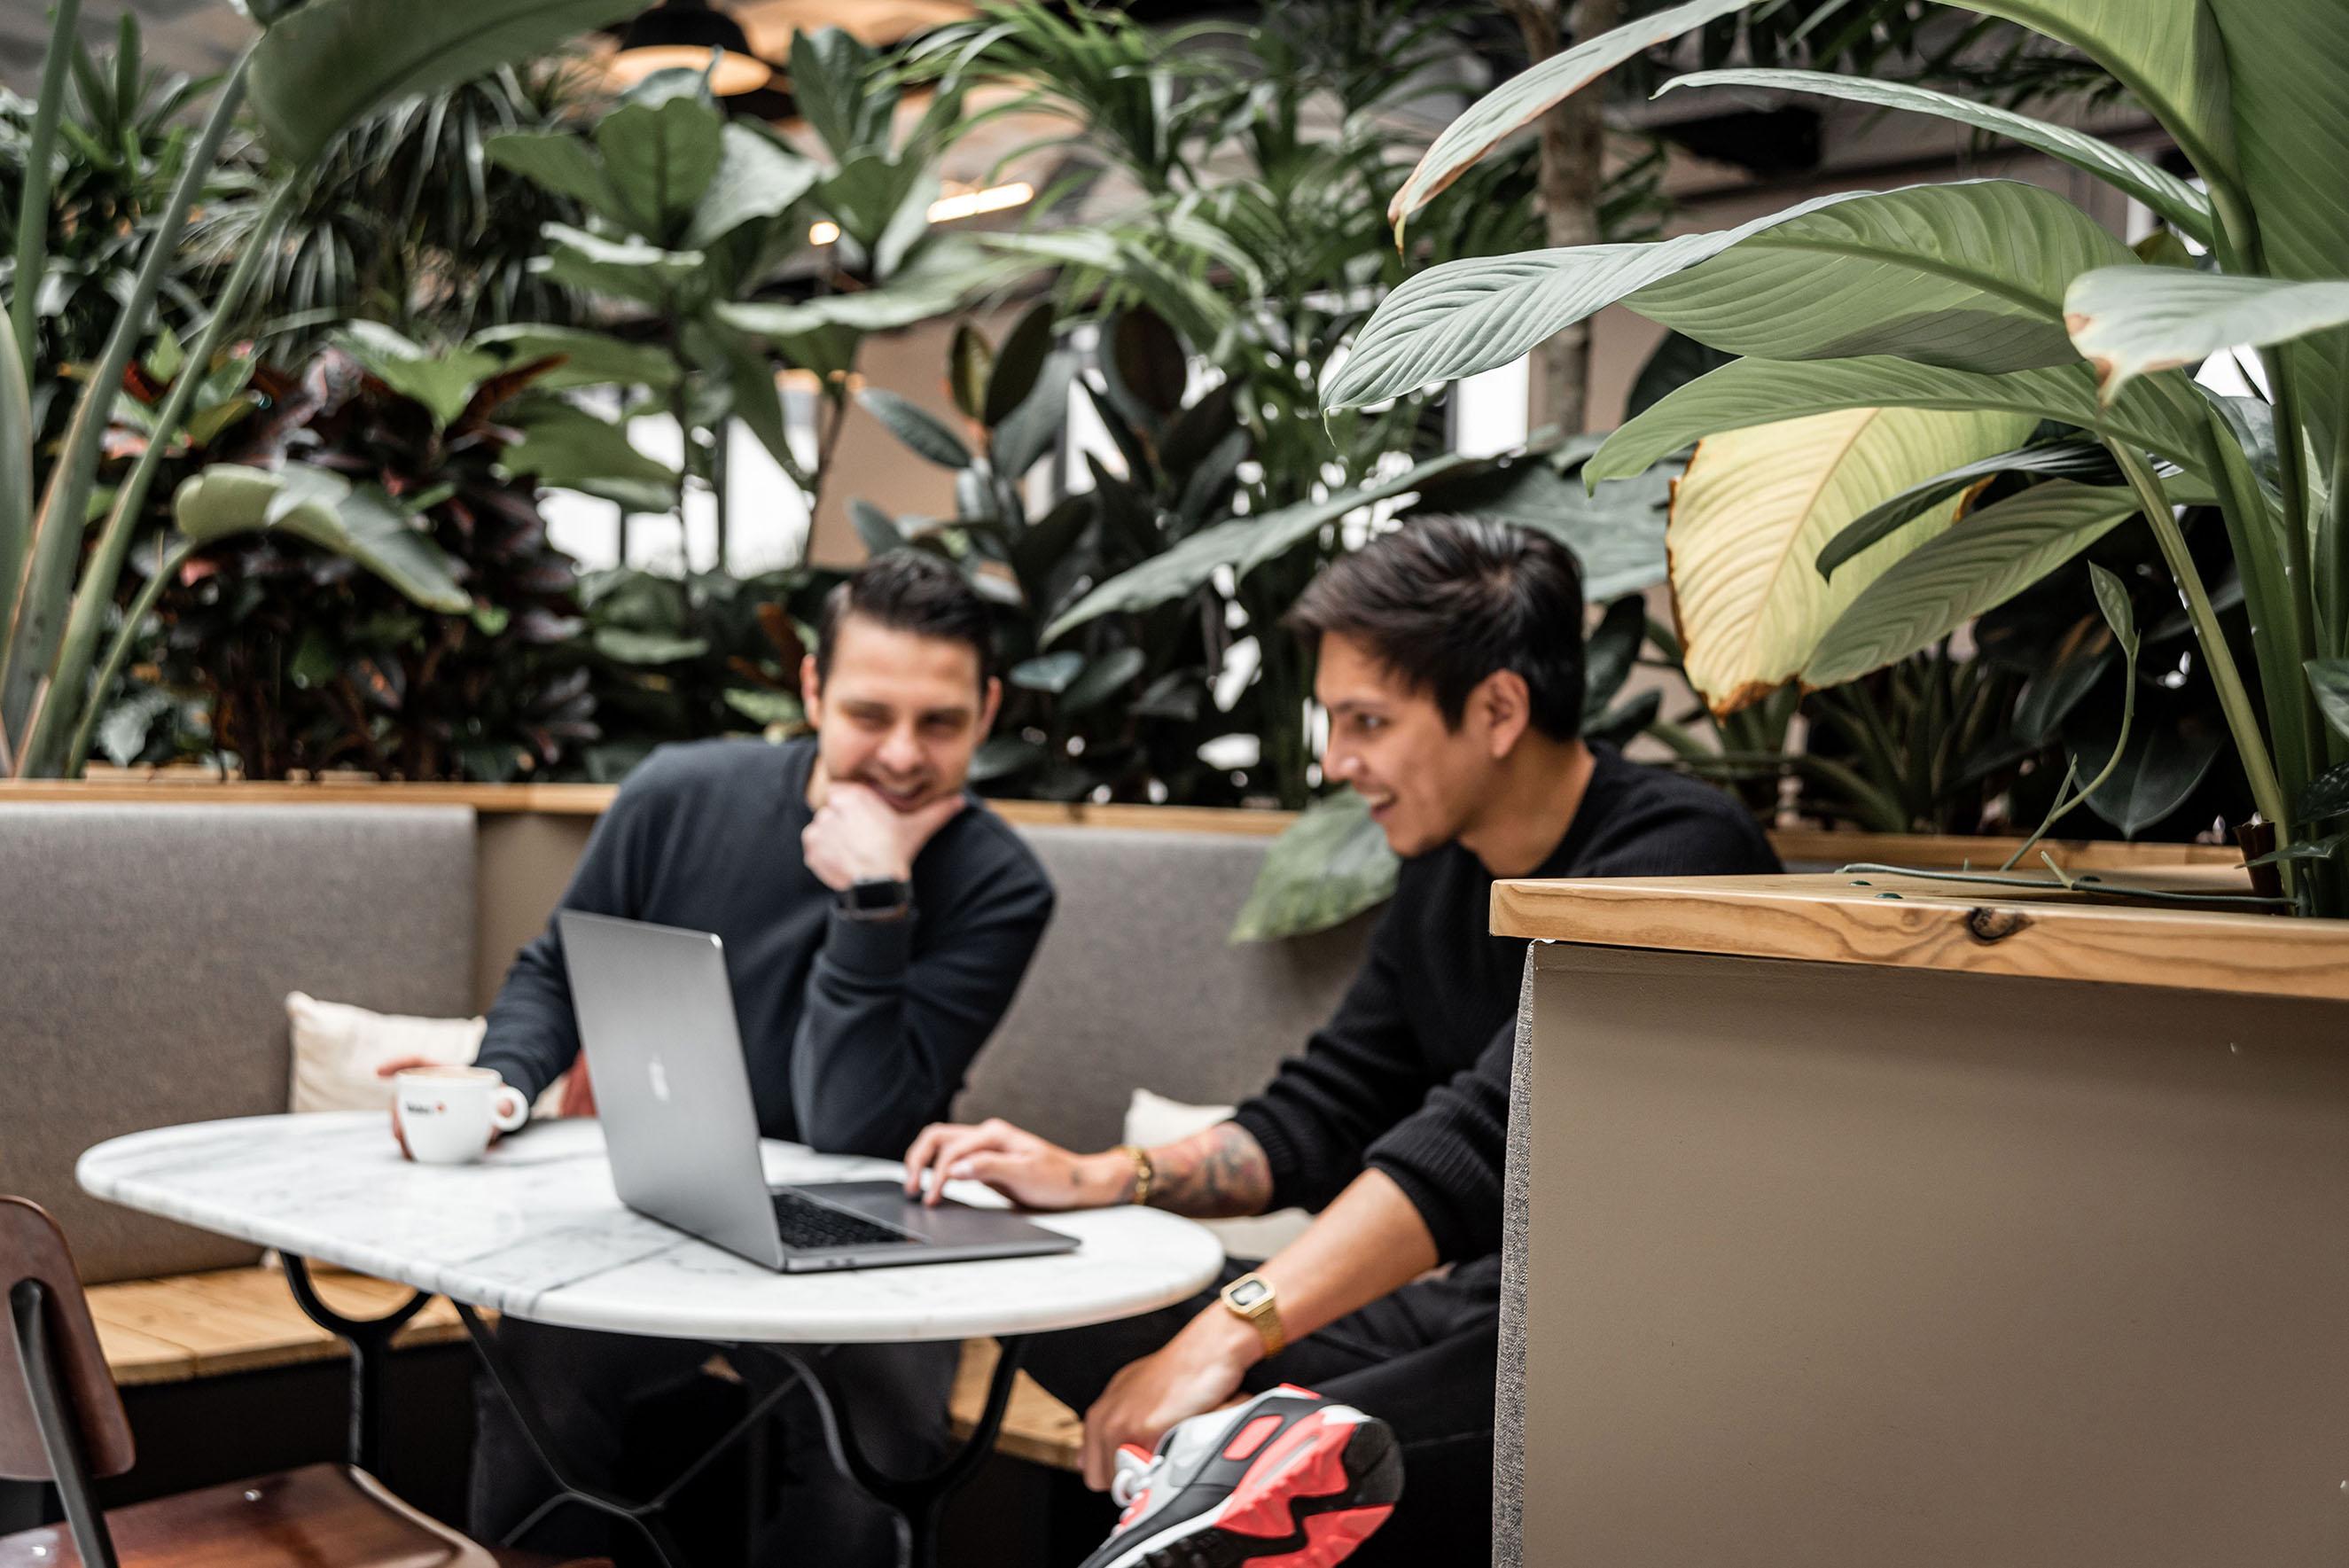 Makerlab collega's Hakki en Alex werken samen in de kantoorjungle